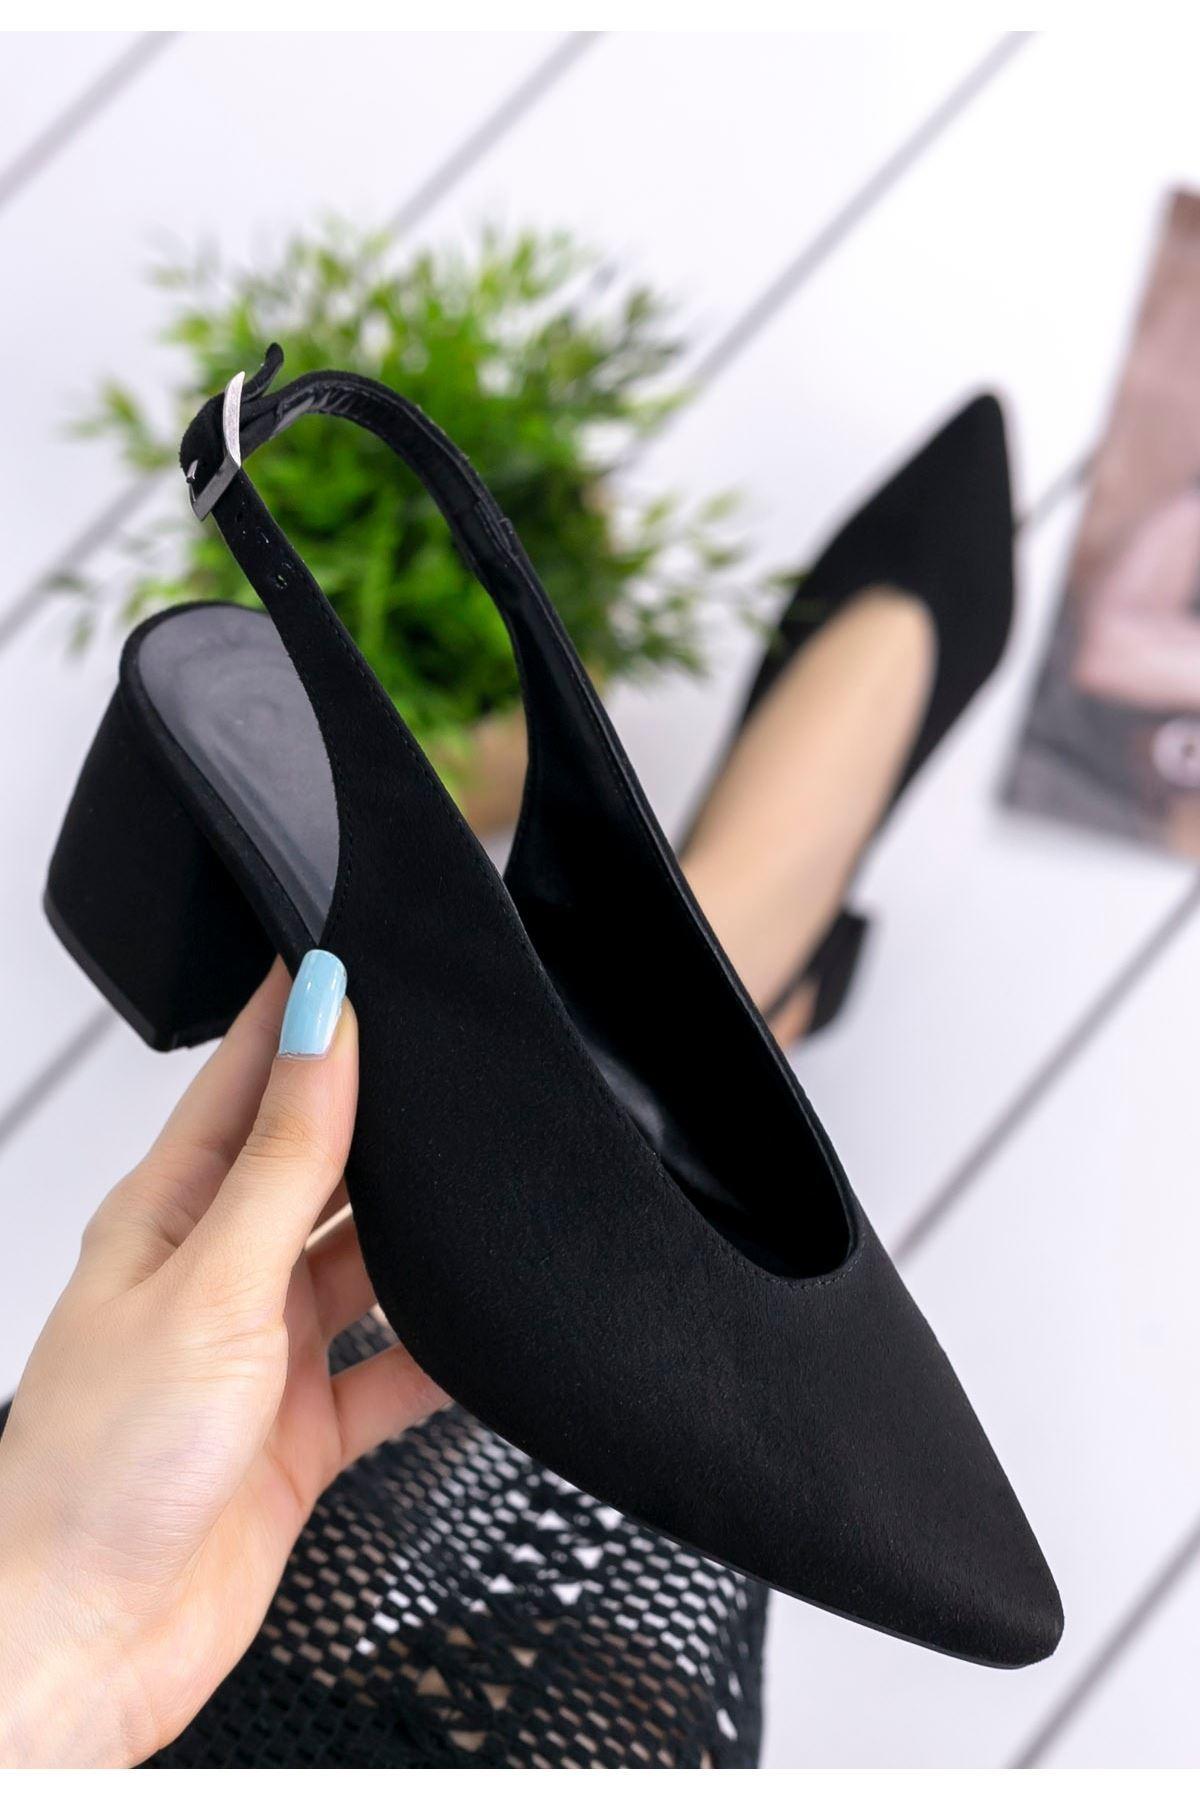 Fawn Siyah Süet Topuklu Ayakkabı